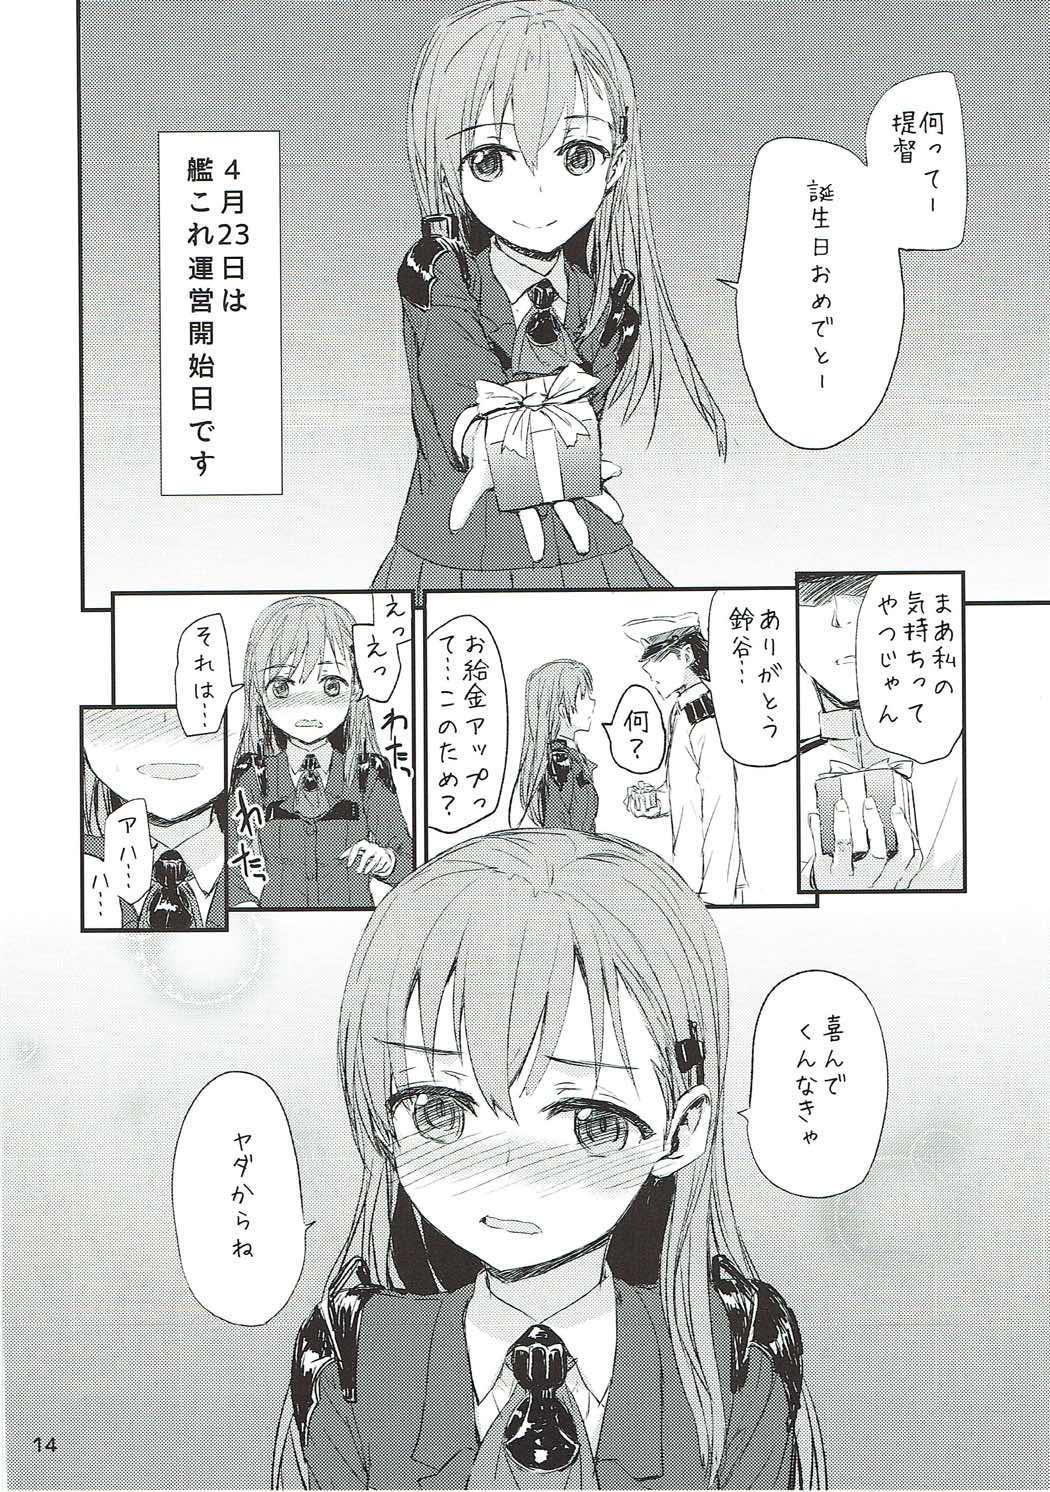 4.23 Shikinchoutatsu Sakusen 14